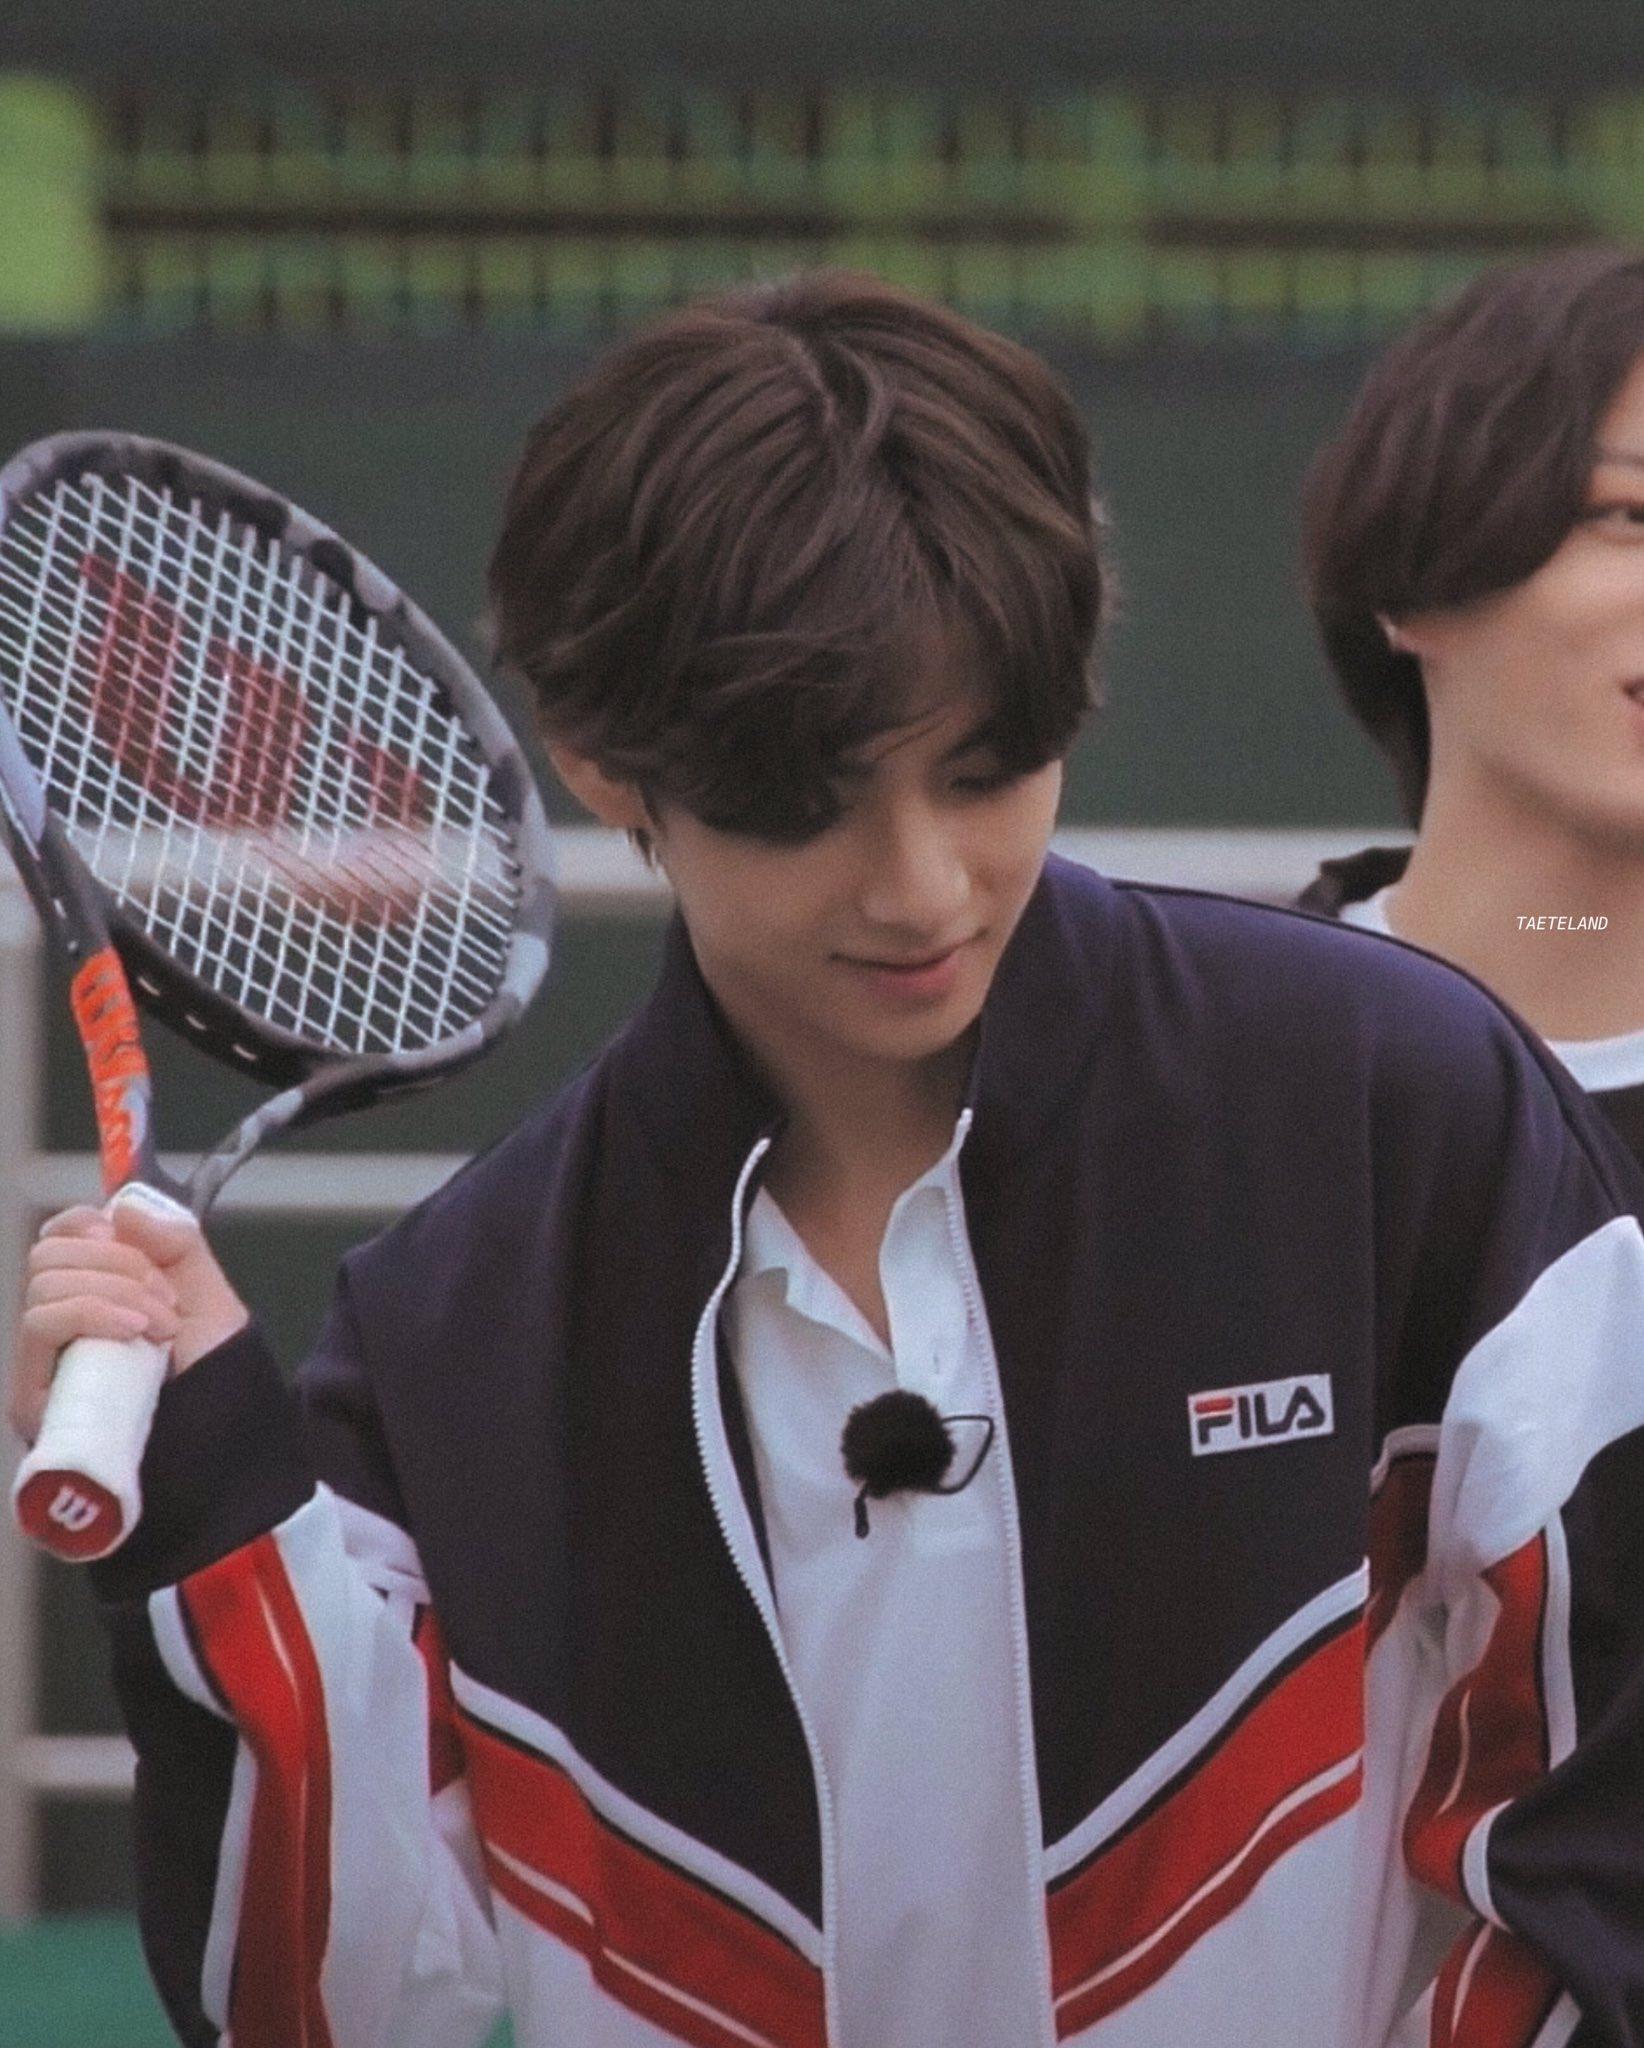 V (BTS) gây bão khi đánh tennis ngầu như nam chính phim thanh xuân vườn trường - 6